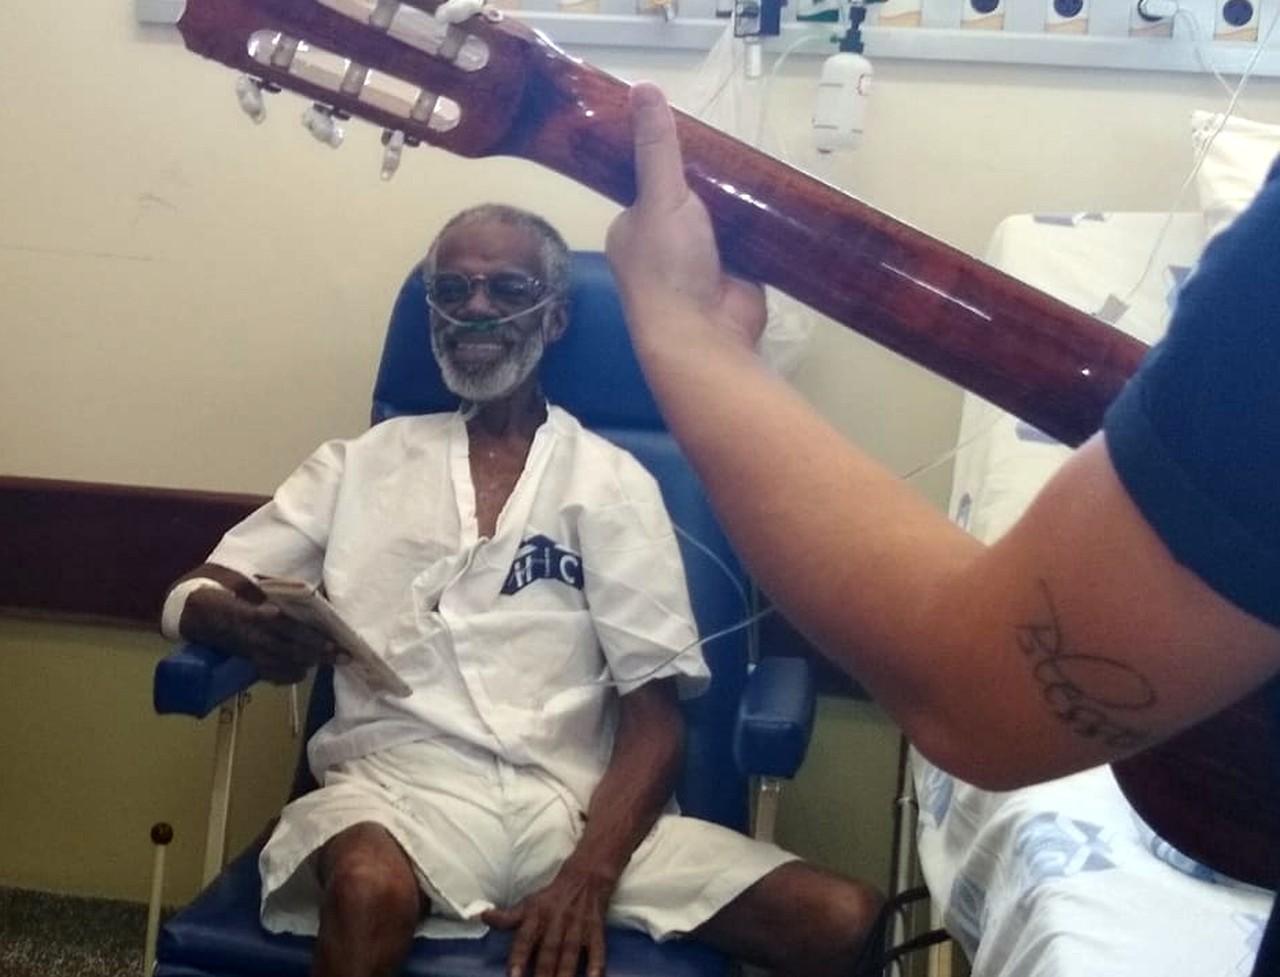 Idoso com câncer internado há meses ganha roda de samba de equipe hospitalar